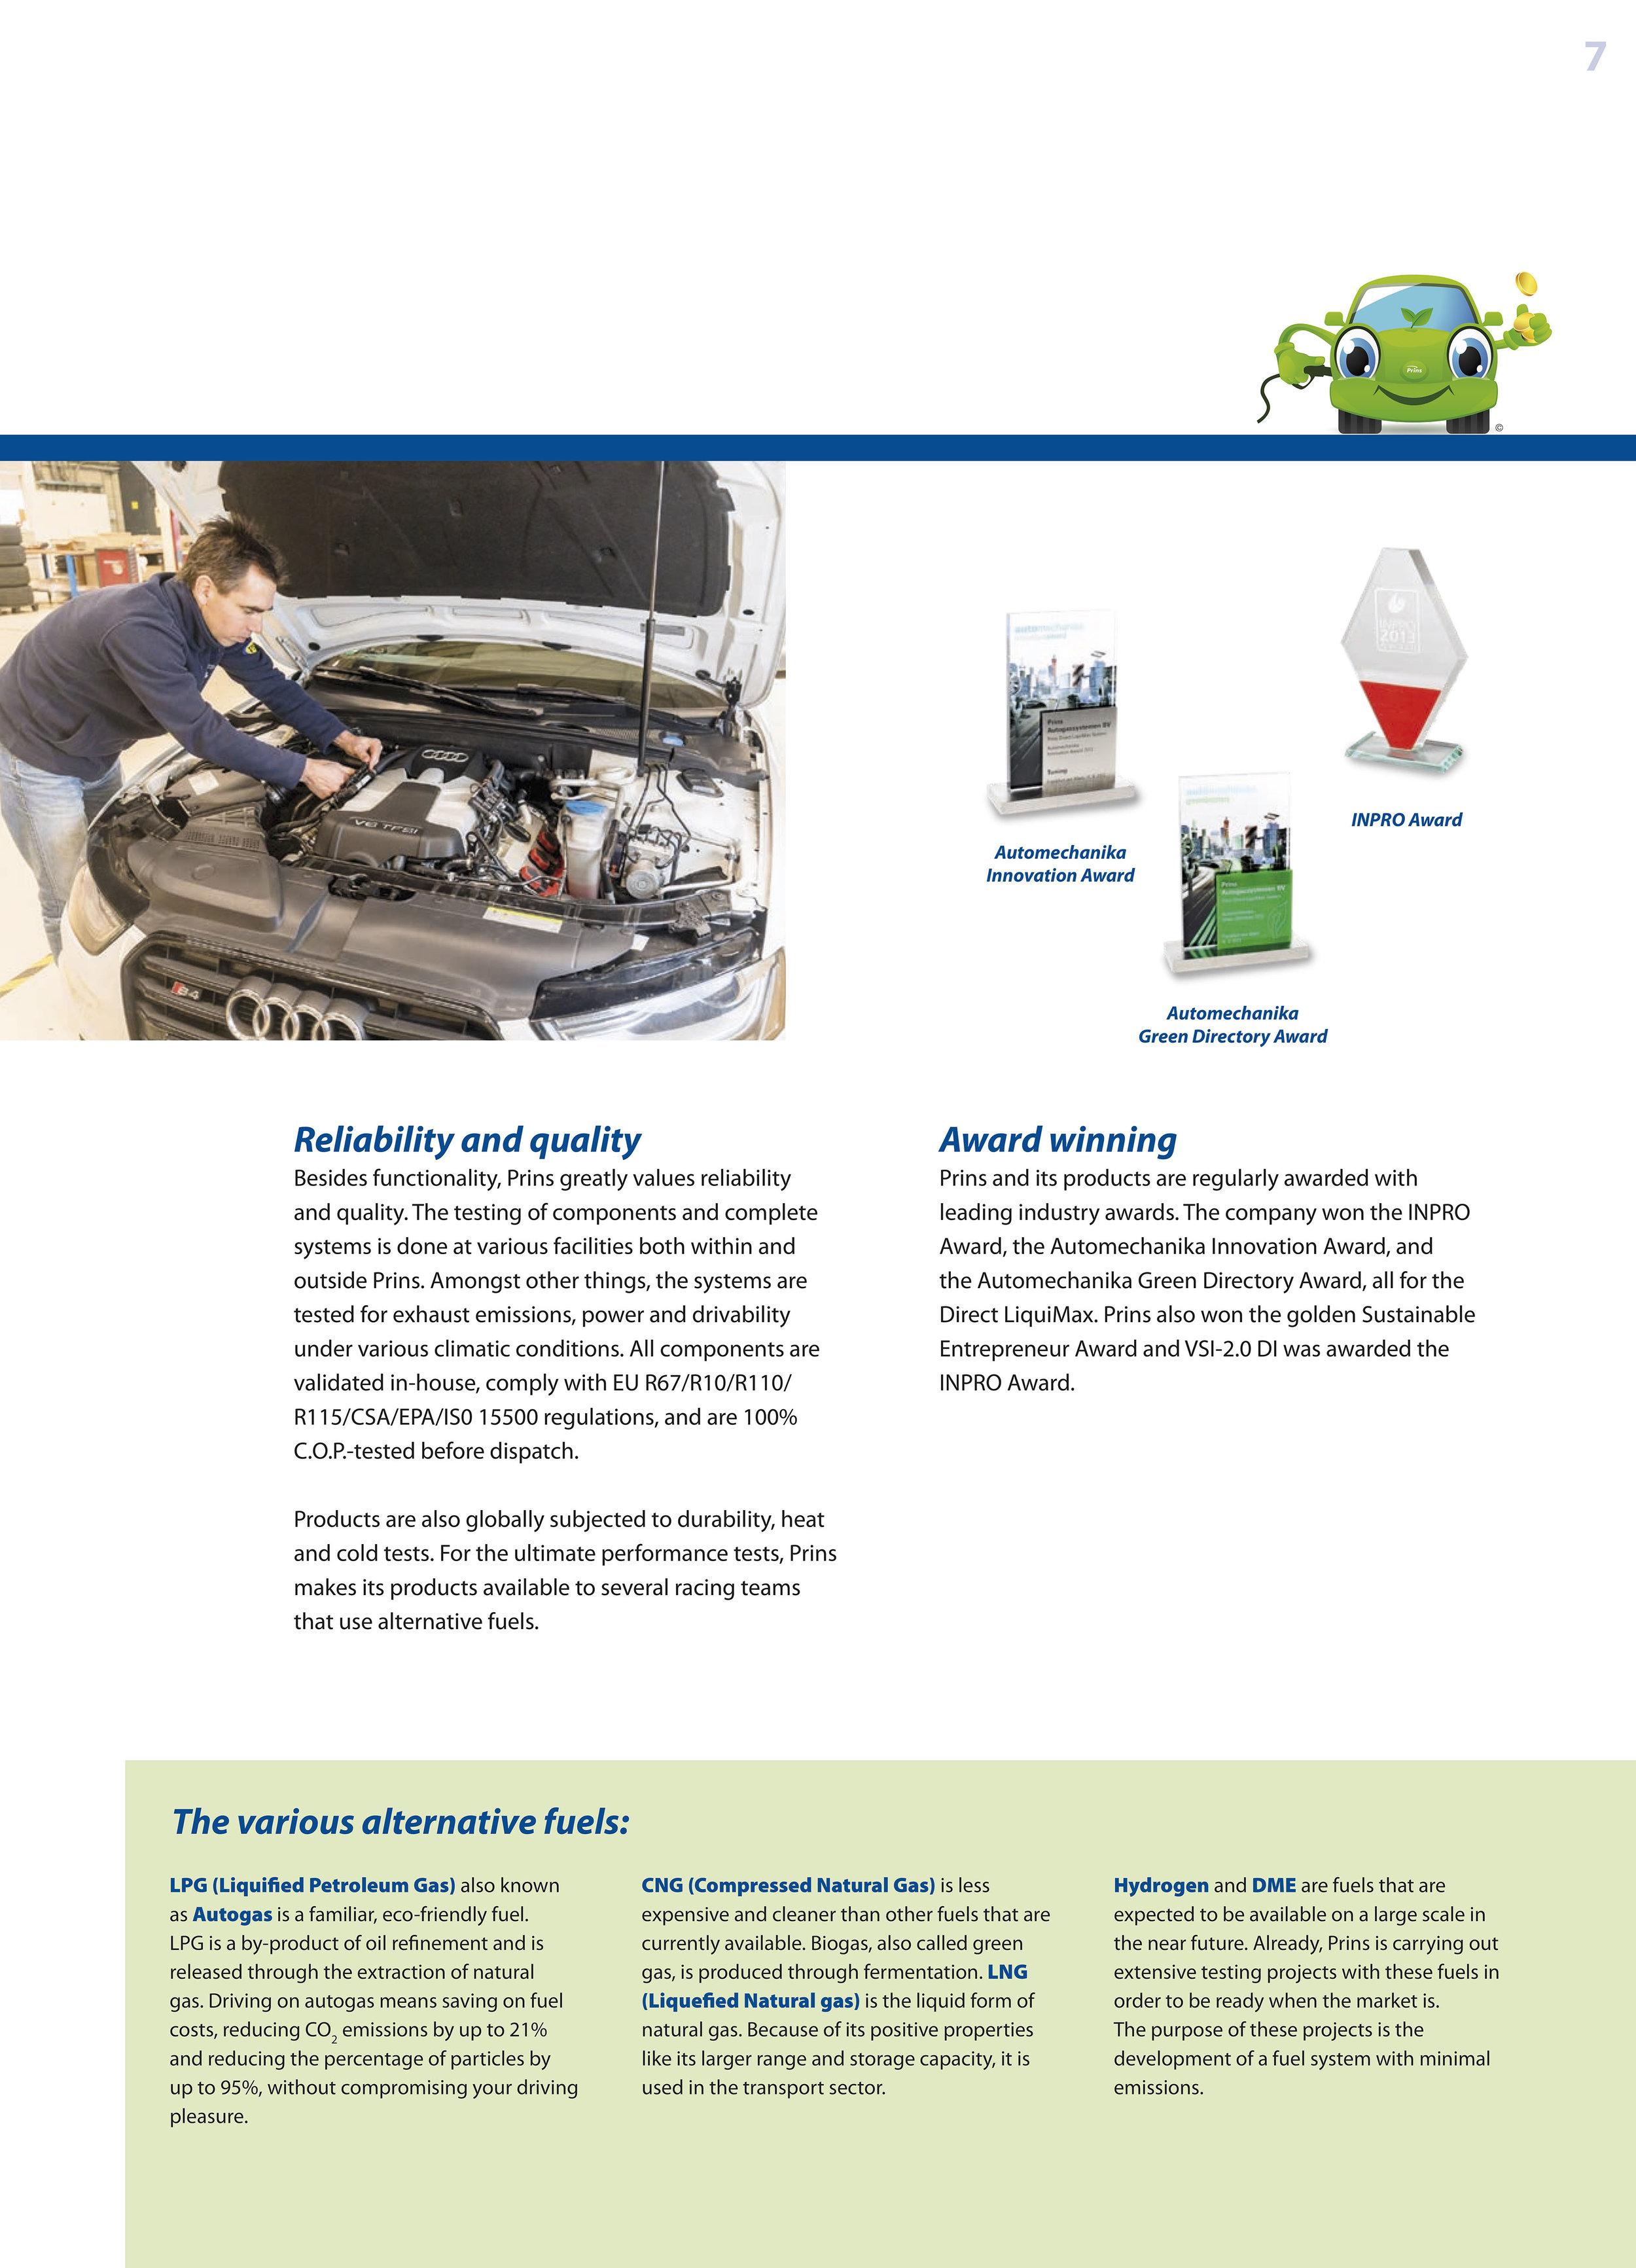 Prins_herdruk-brochure-2019_19-3-19-07.jpg